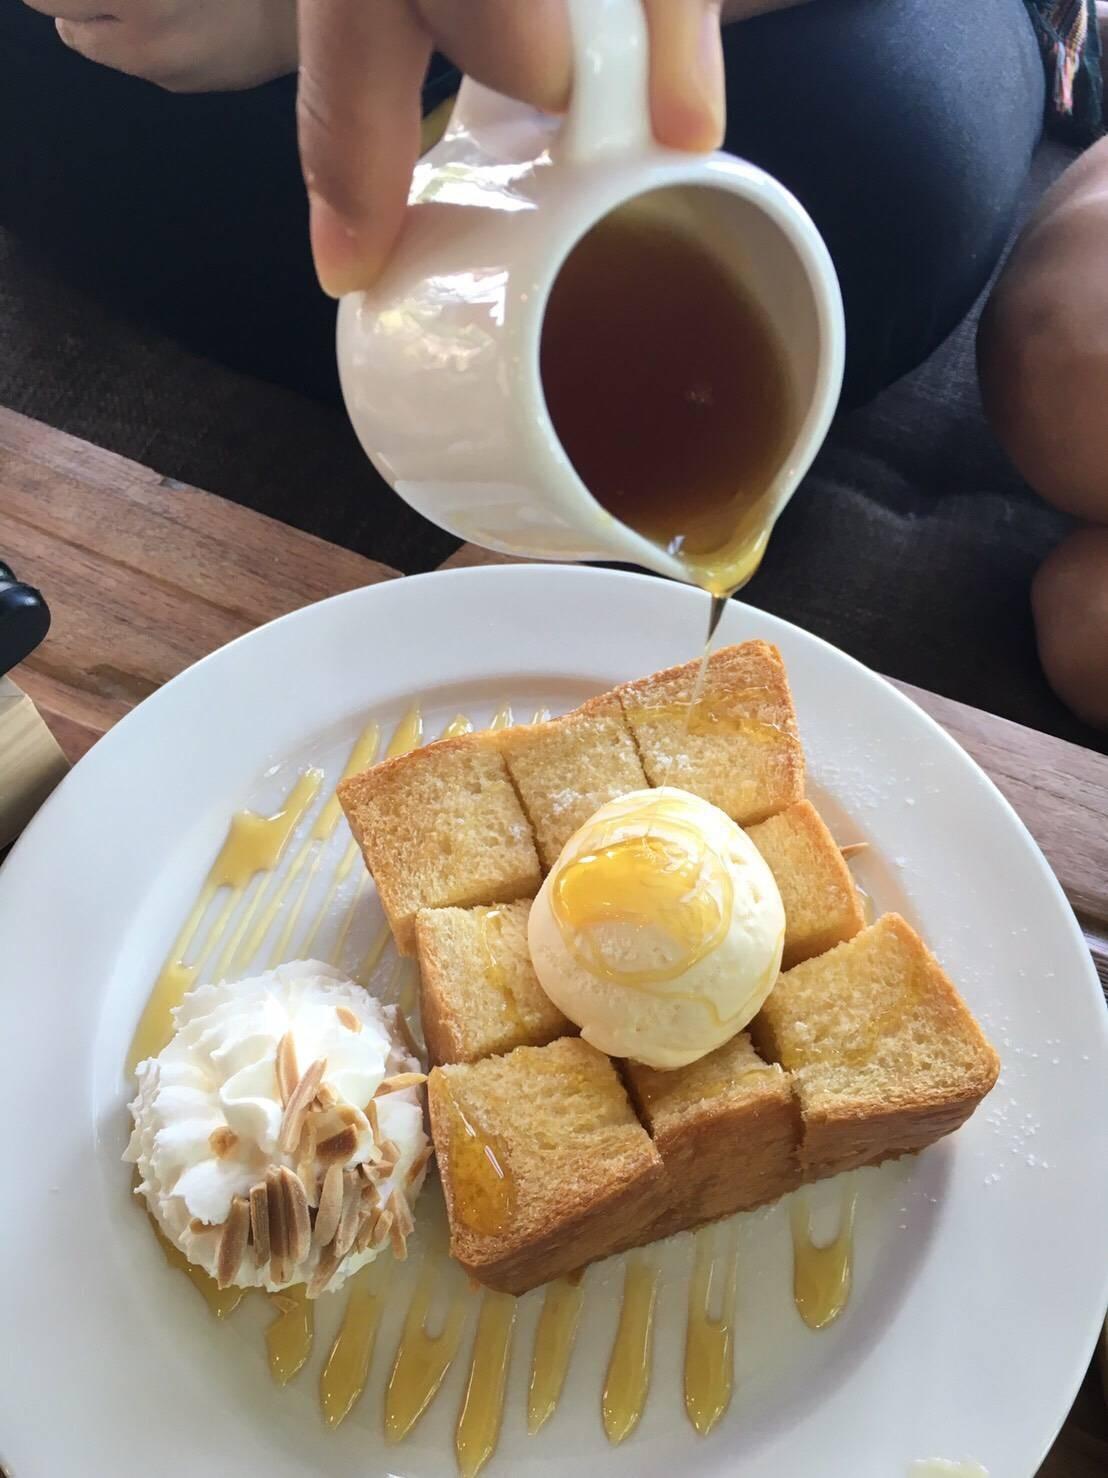 ร้าน Cafe' de Kemrex (คาเฟ่ เดอ เข็มเหล็ก) - รีวิวร้านอาหาร - Wongnai